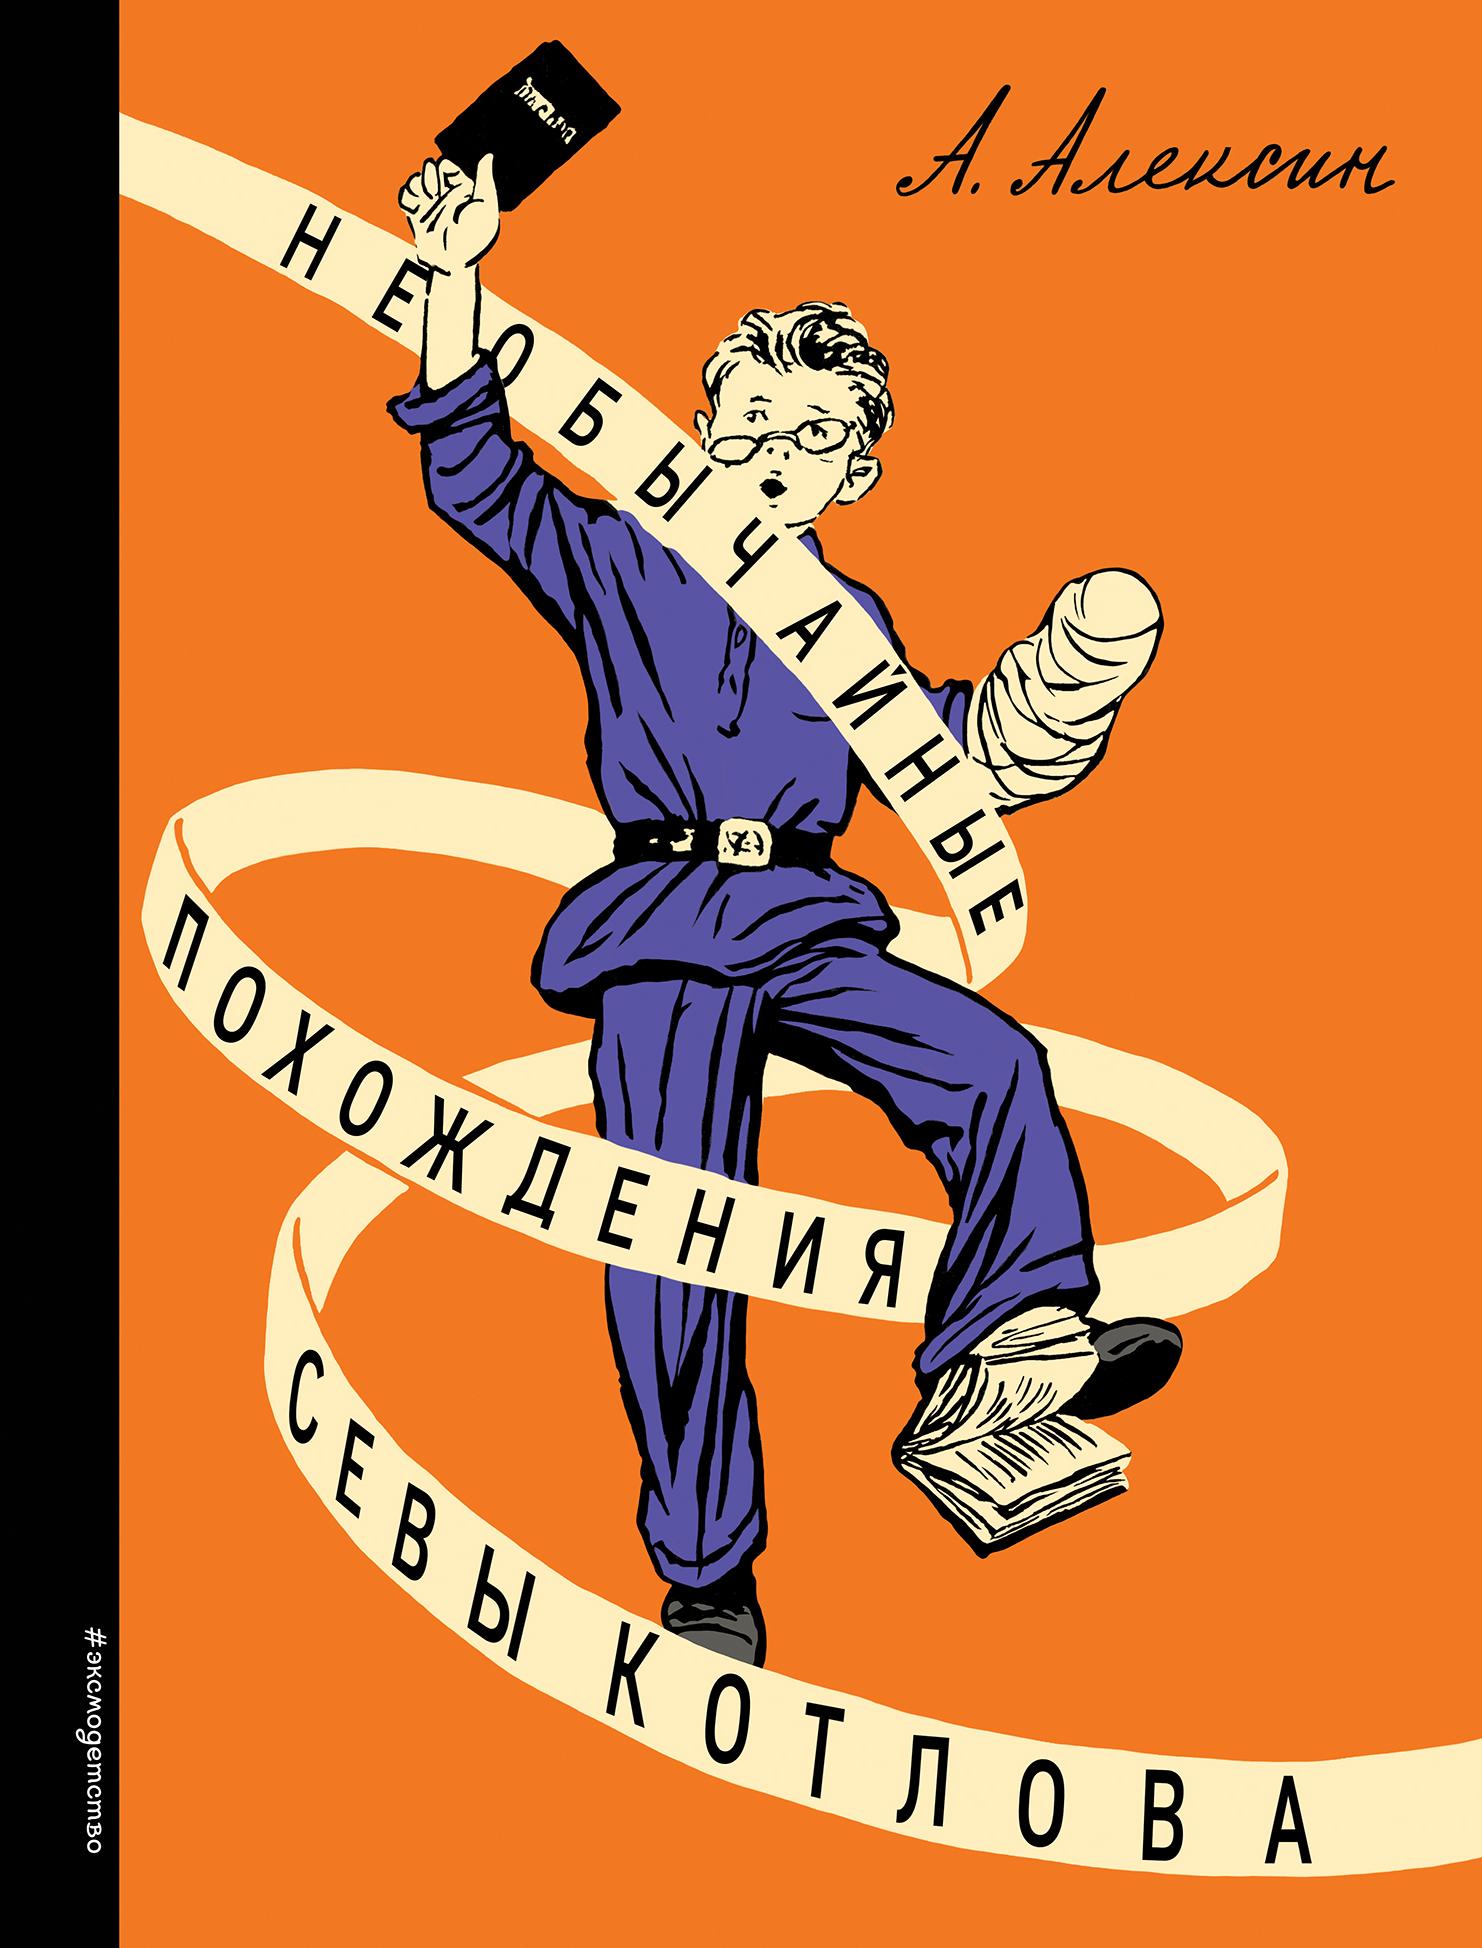 Алексин Анатолий Георгиевич Необычайные похождения Севы Котлова вел тэйк